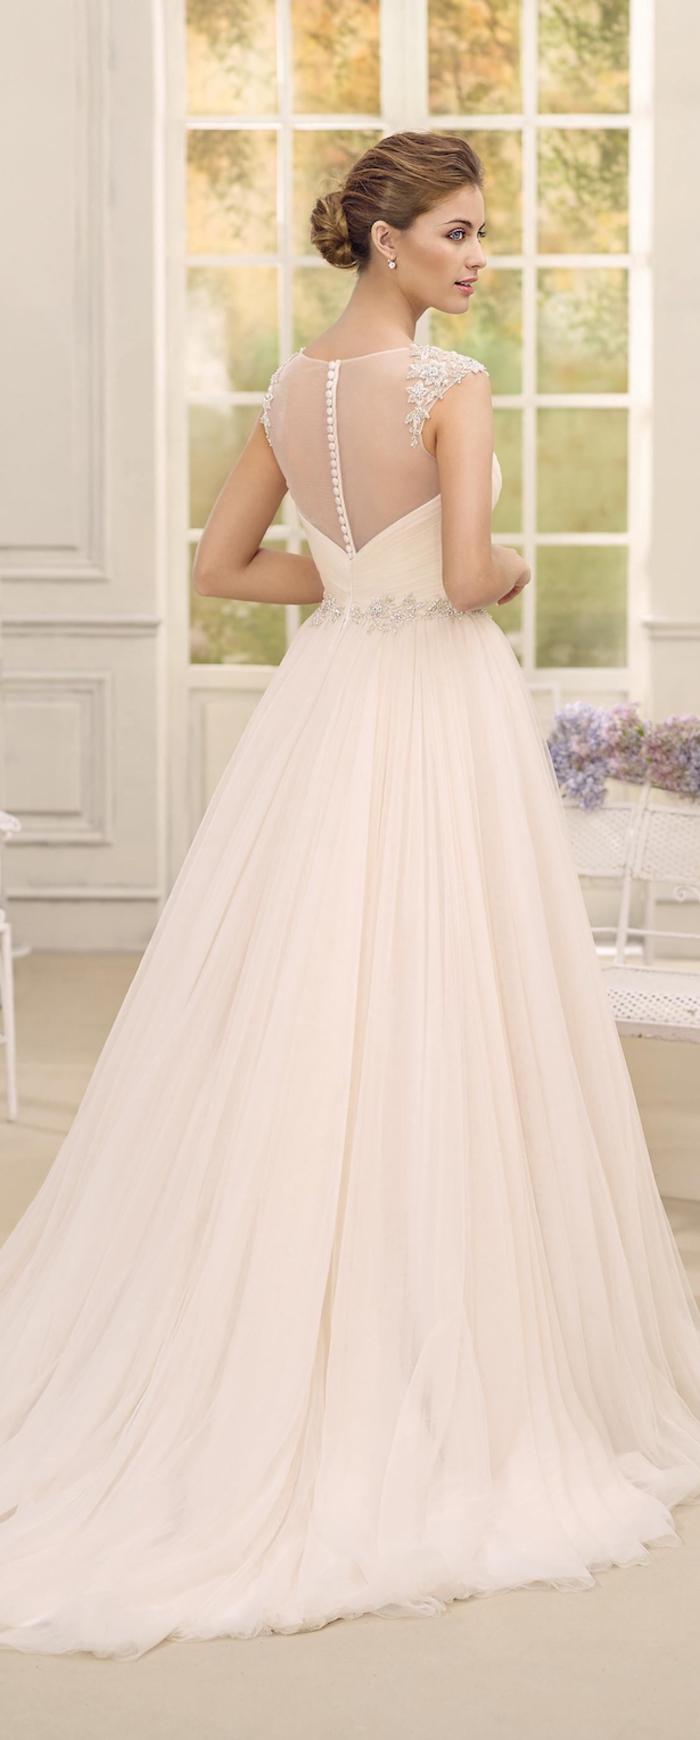 Robe rose longue, vivre sa conte de fées, merveilleuse robe de mariée longue en dentelle, dos tulle boutons perles